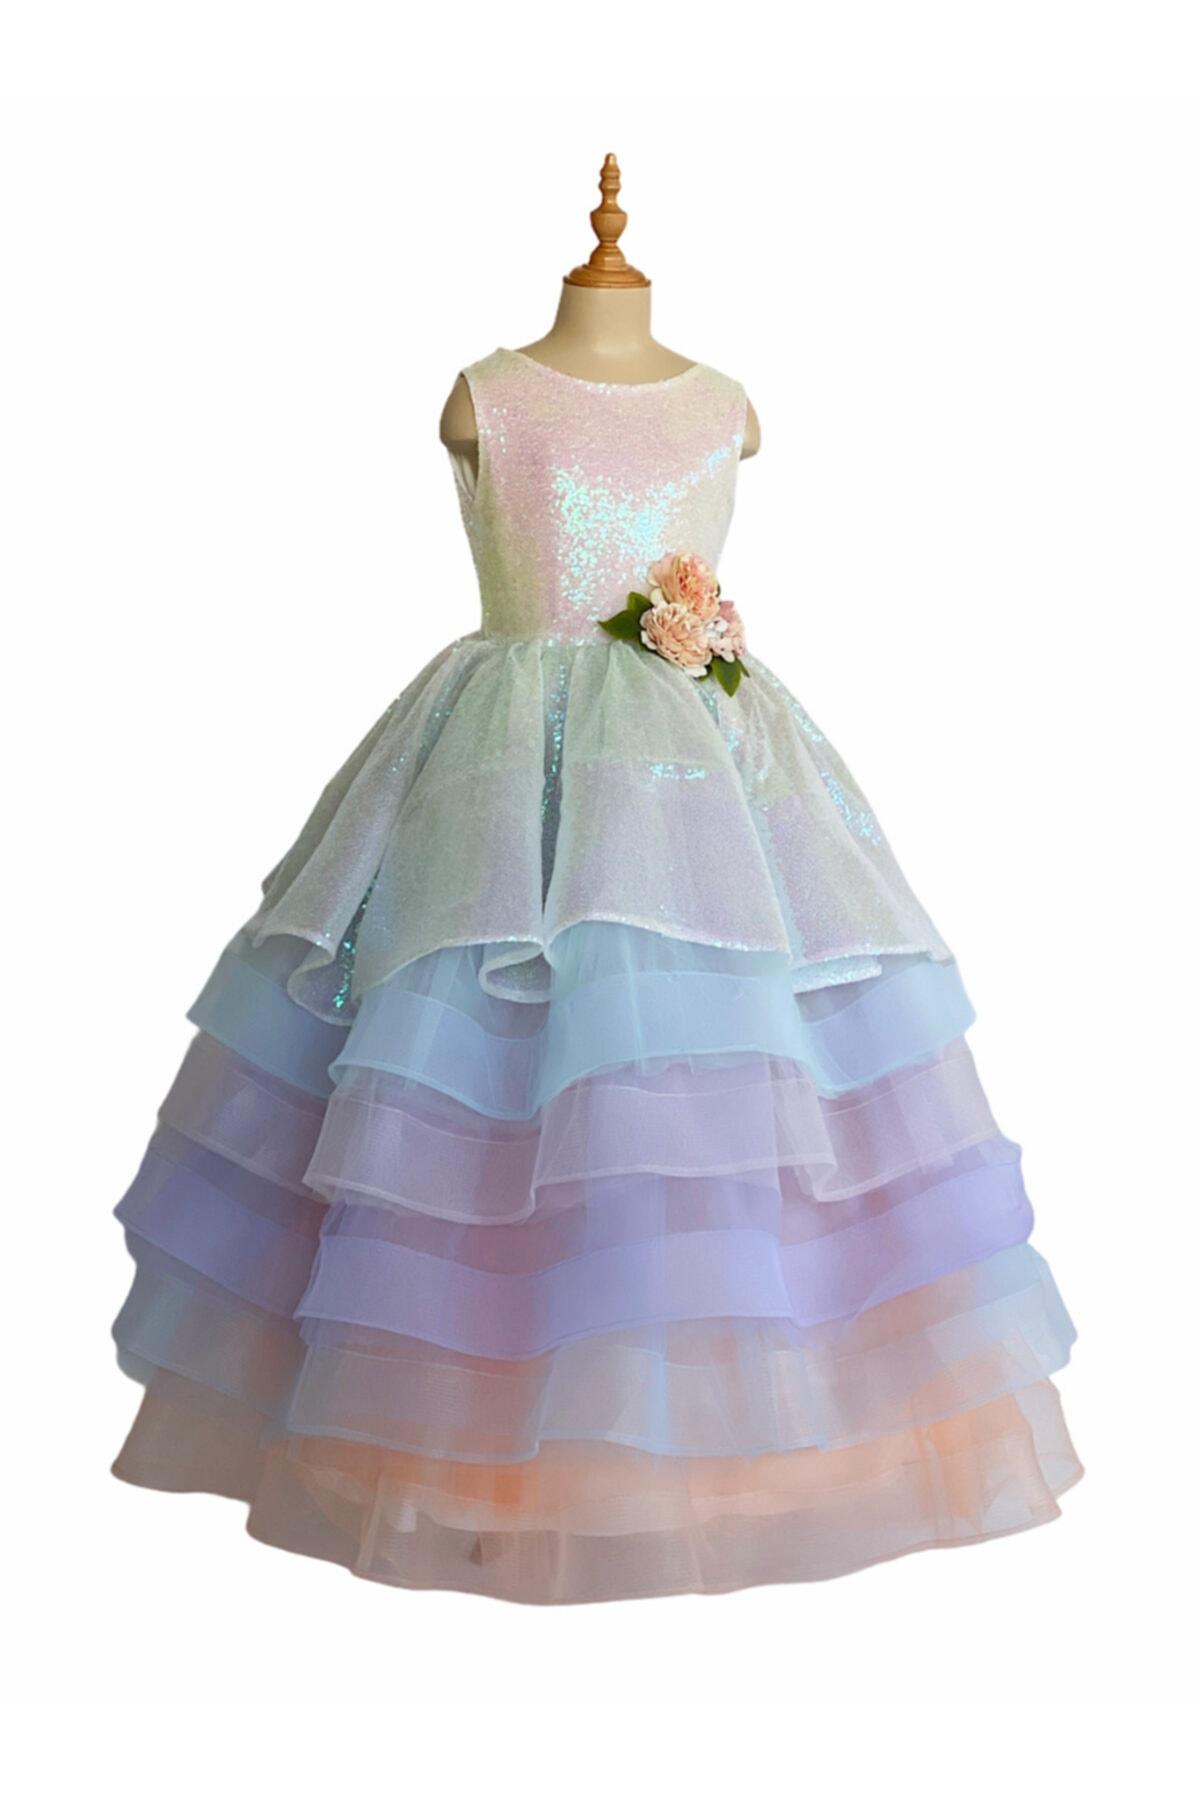 فروش لباس مجلسی دخترانه برند zühre balaban کد ty103588197